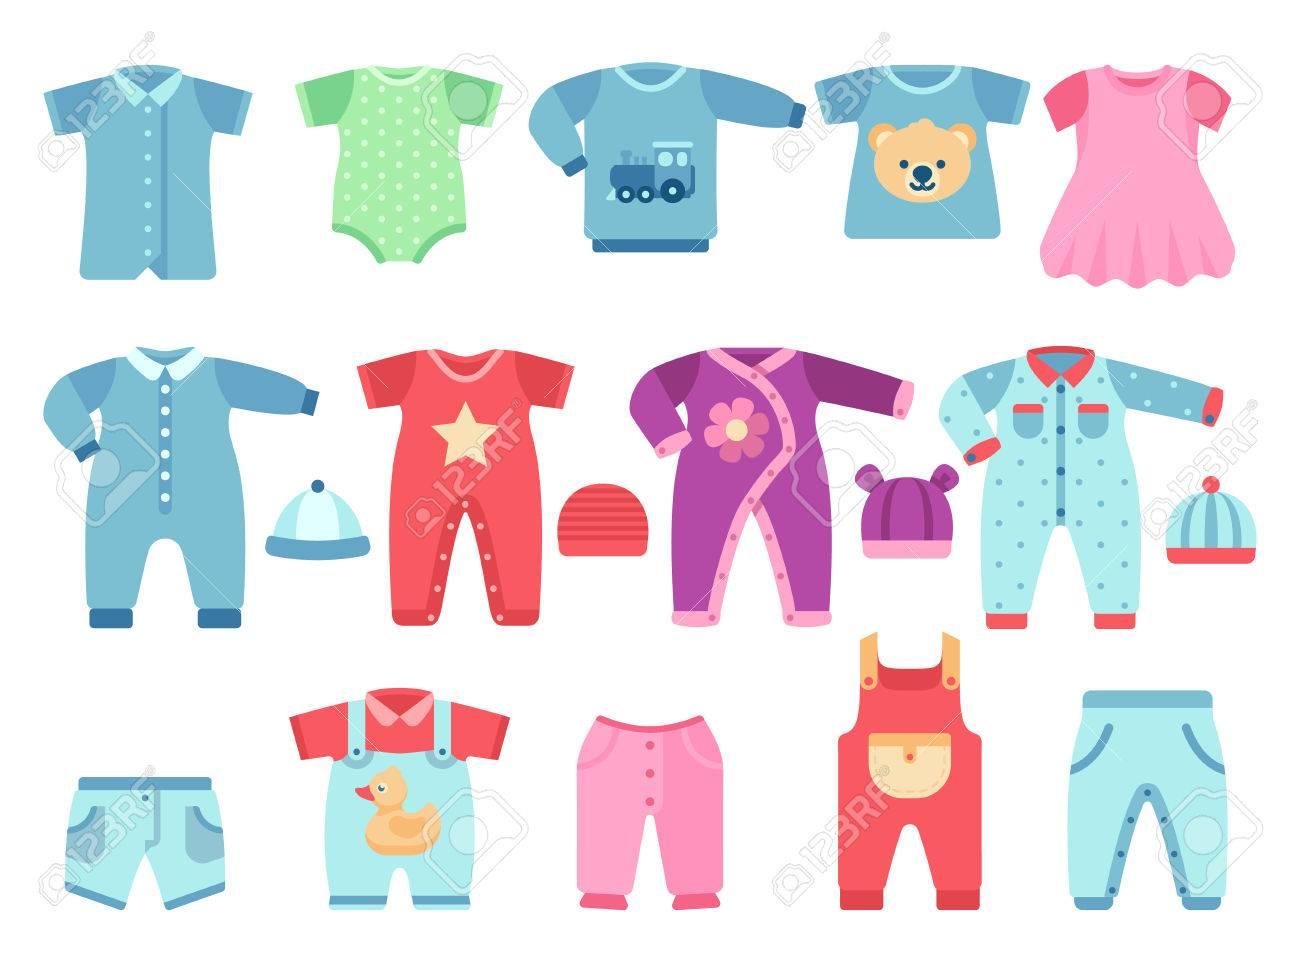 8025f20f81864 Banque d images - Garçon et fille vêtements pour bébés. Vêtements de  vecteur infantile. Vêtements bébé enfant habillé et costume illustration